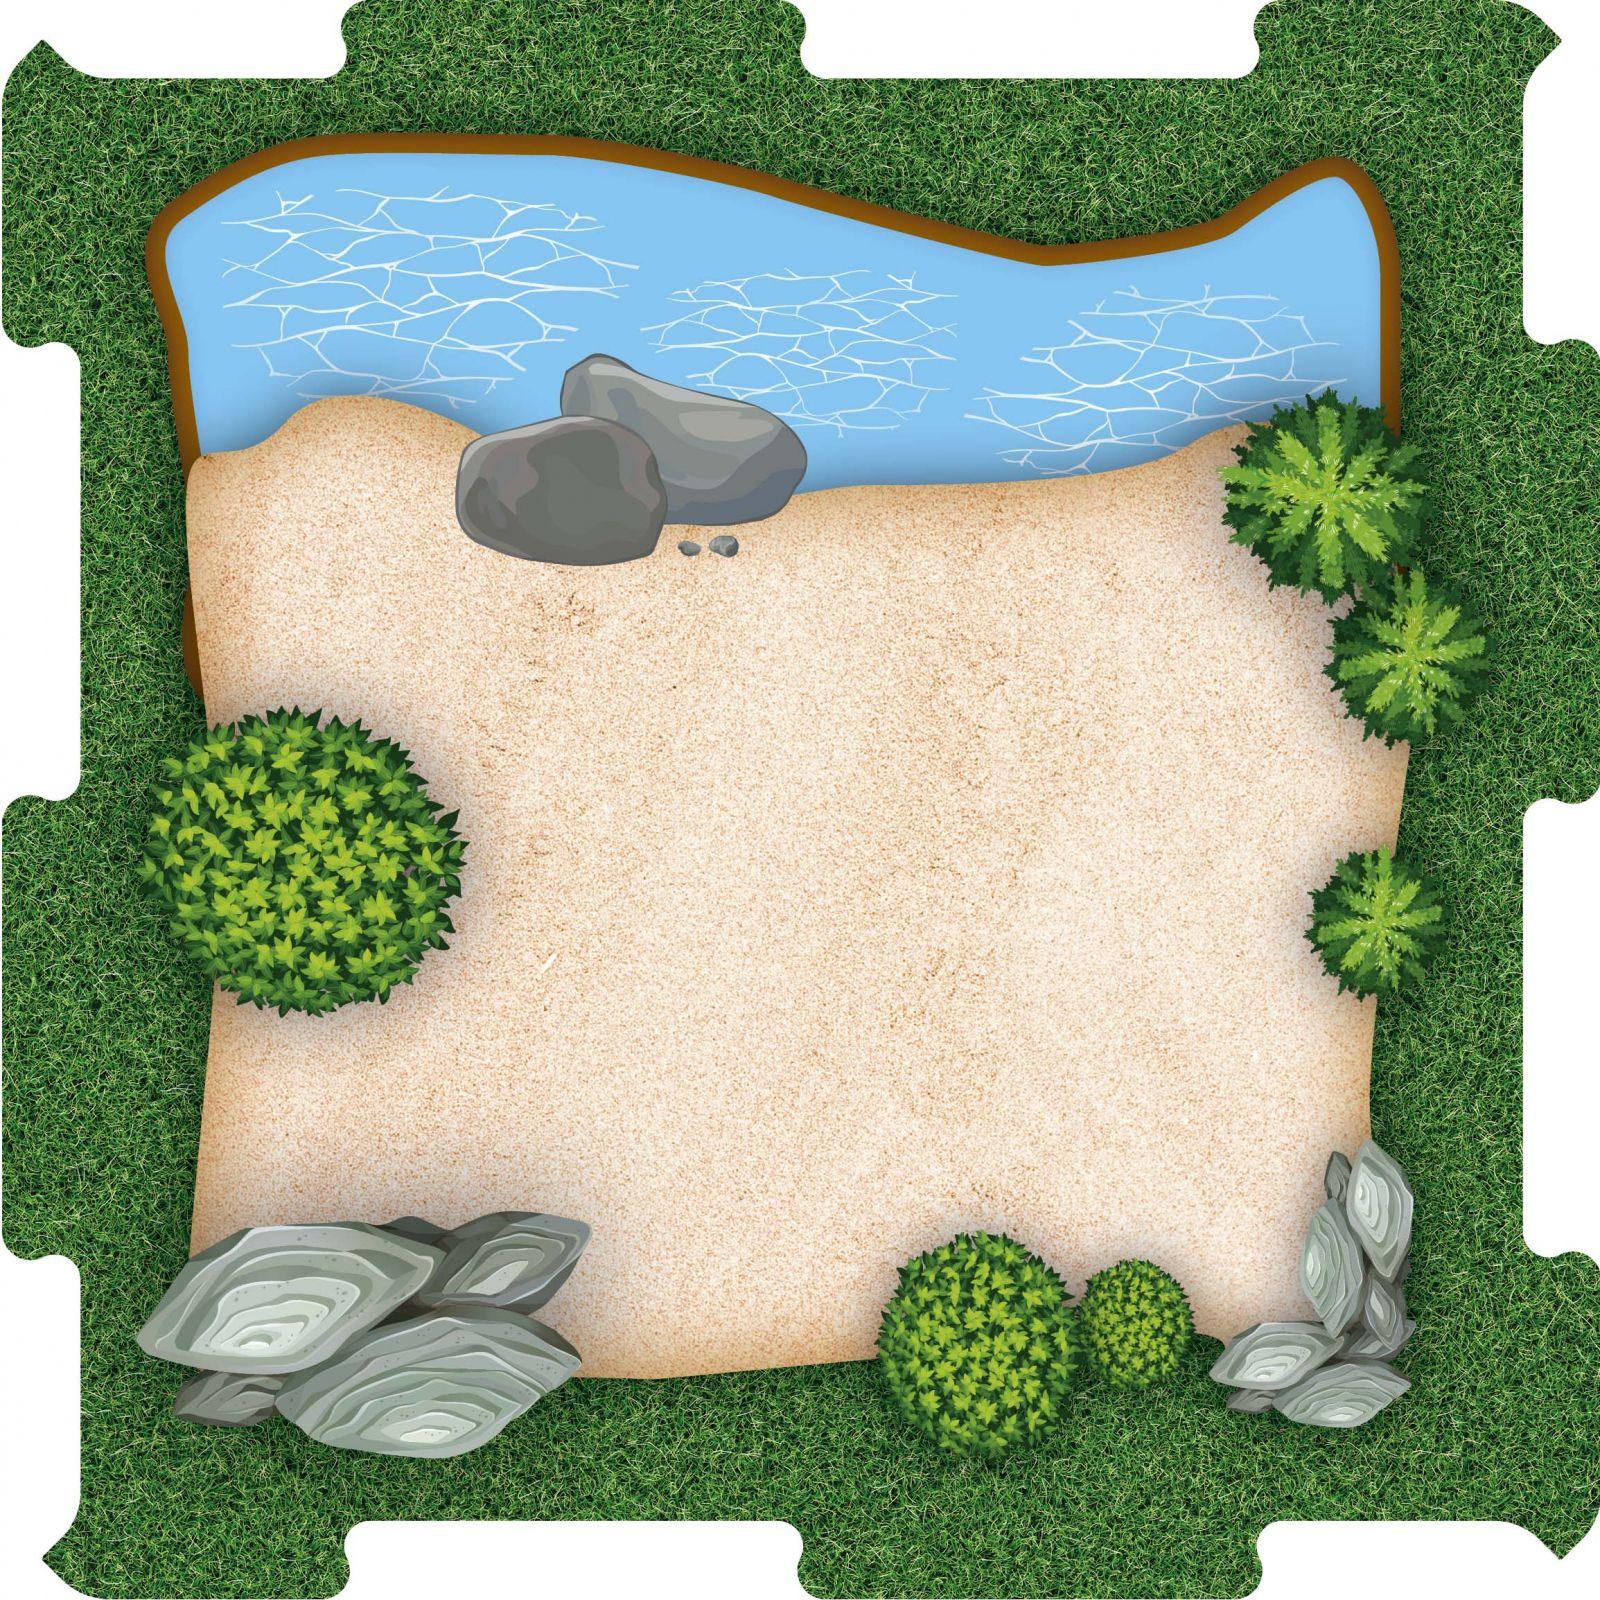 Podlahové puzzle Zoo výběh pískový s jezírkem